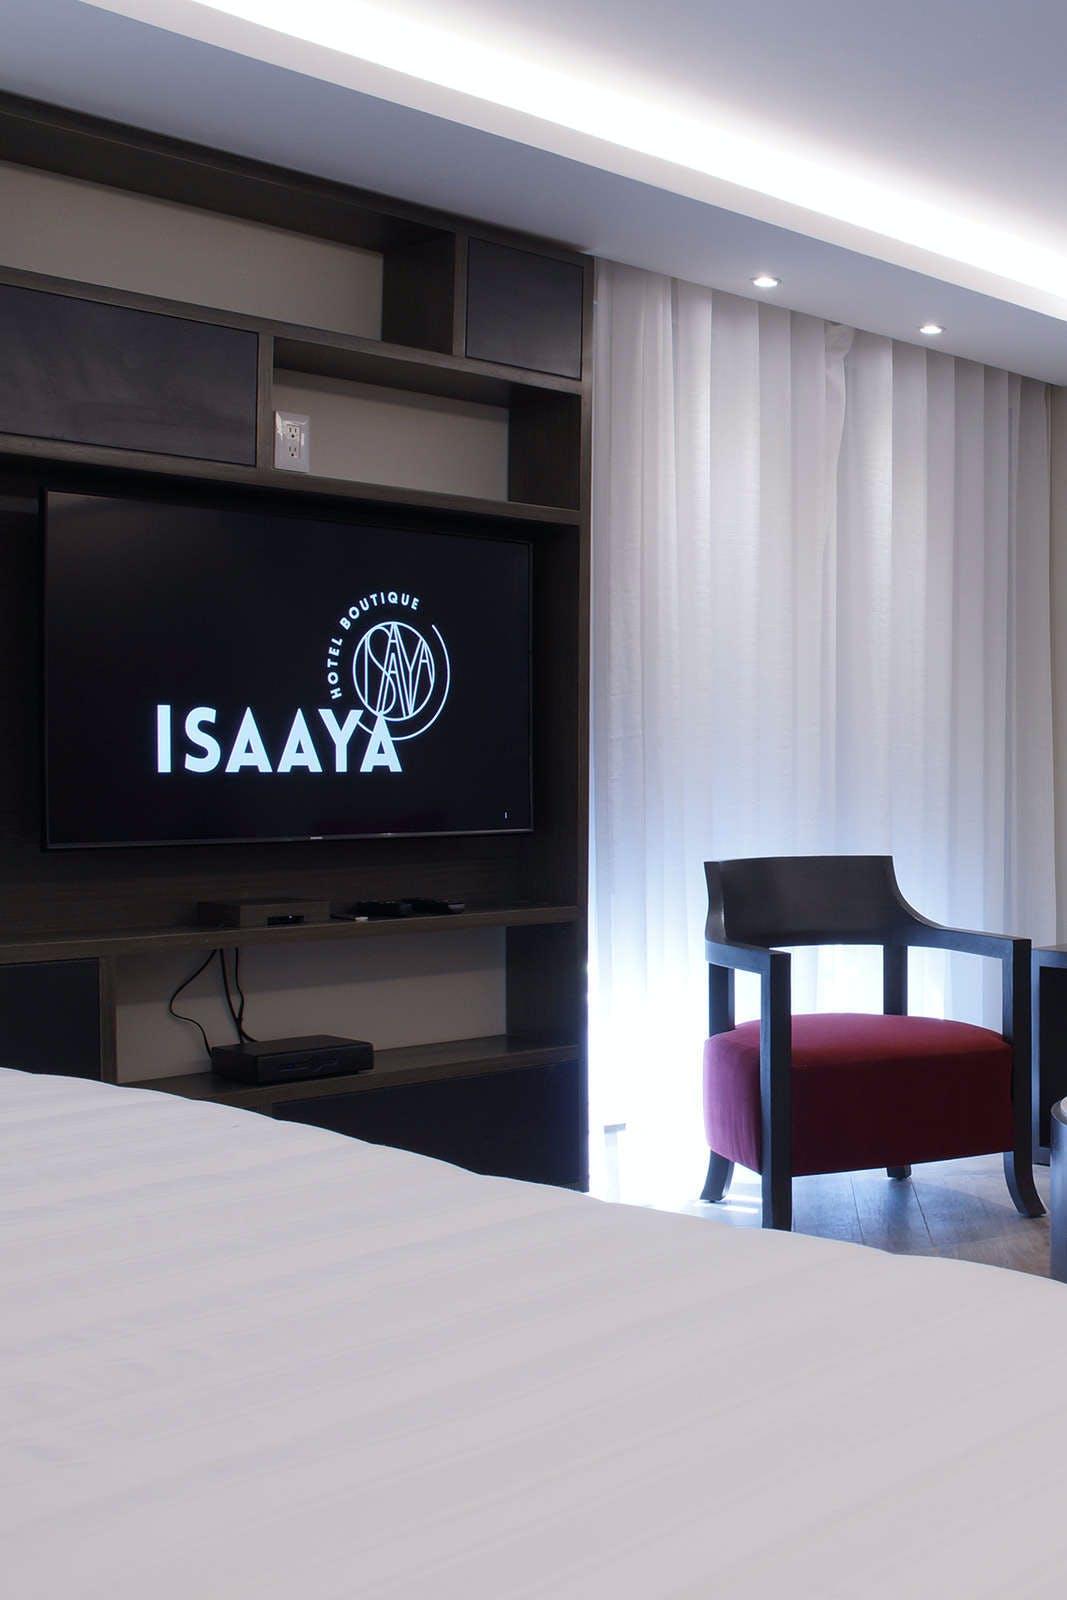 Hotel Isaaya